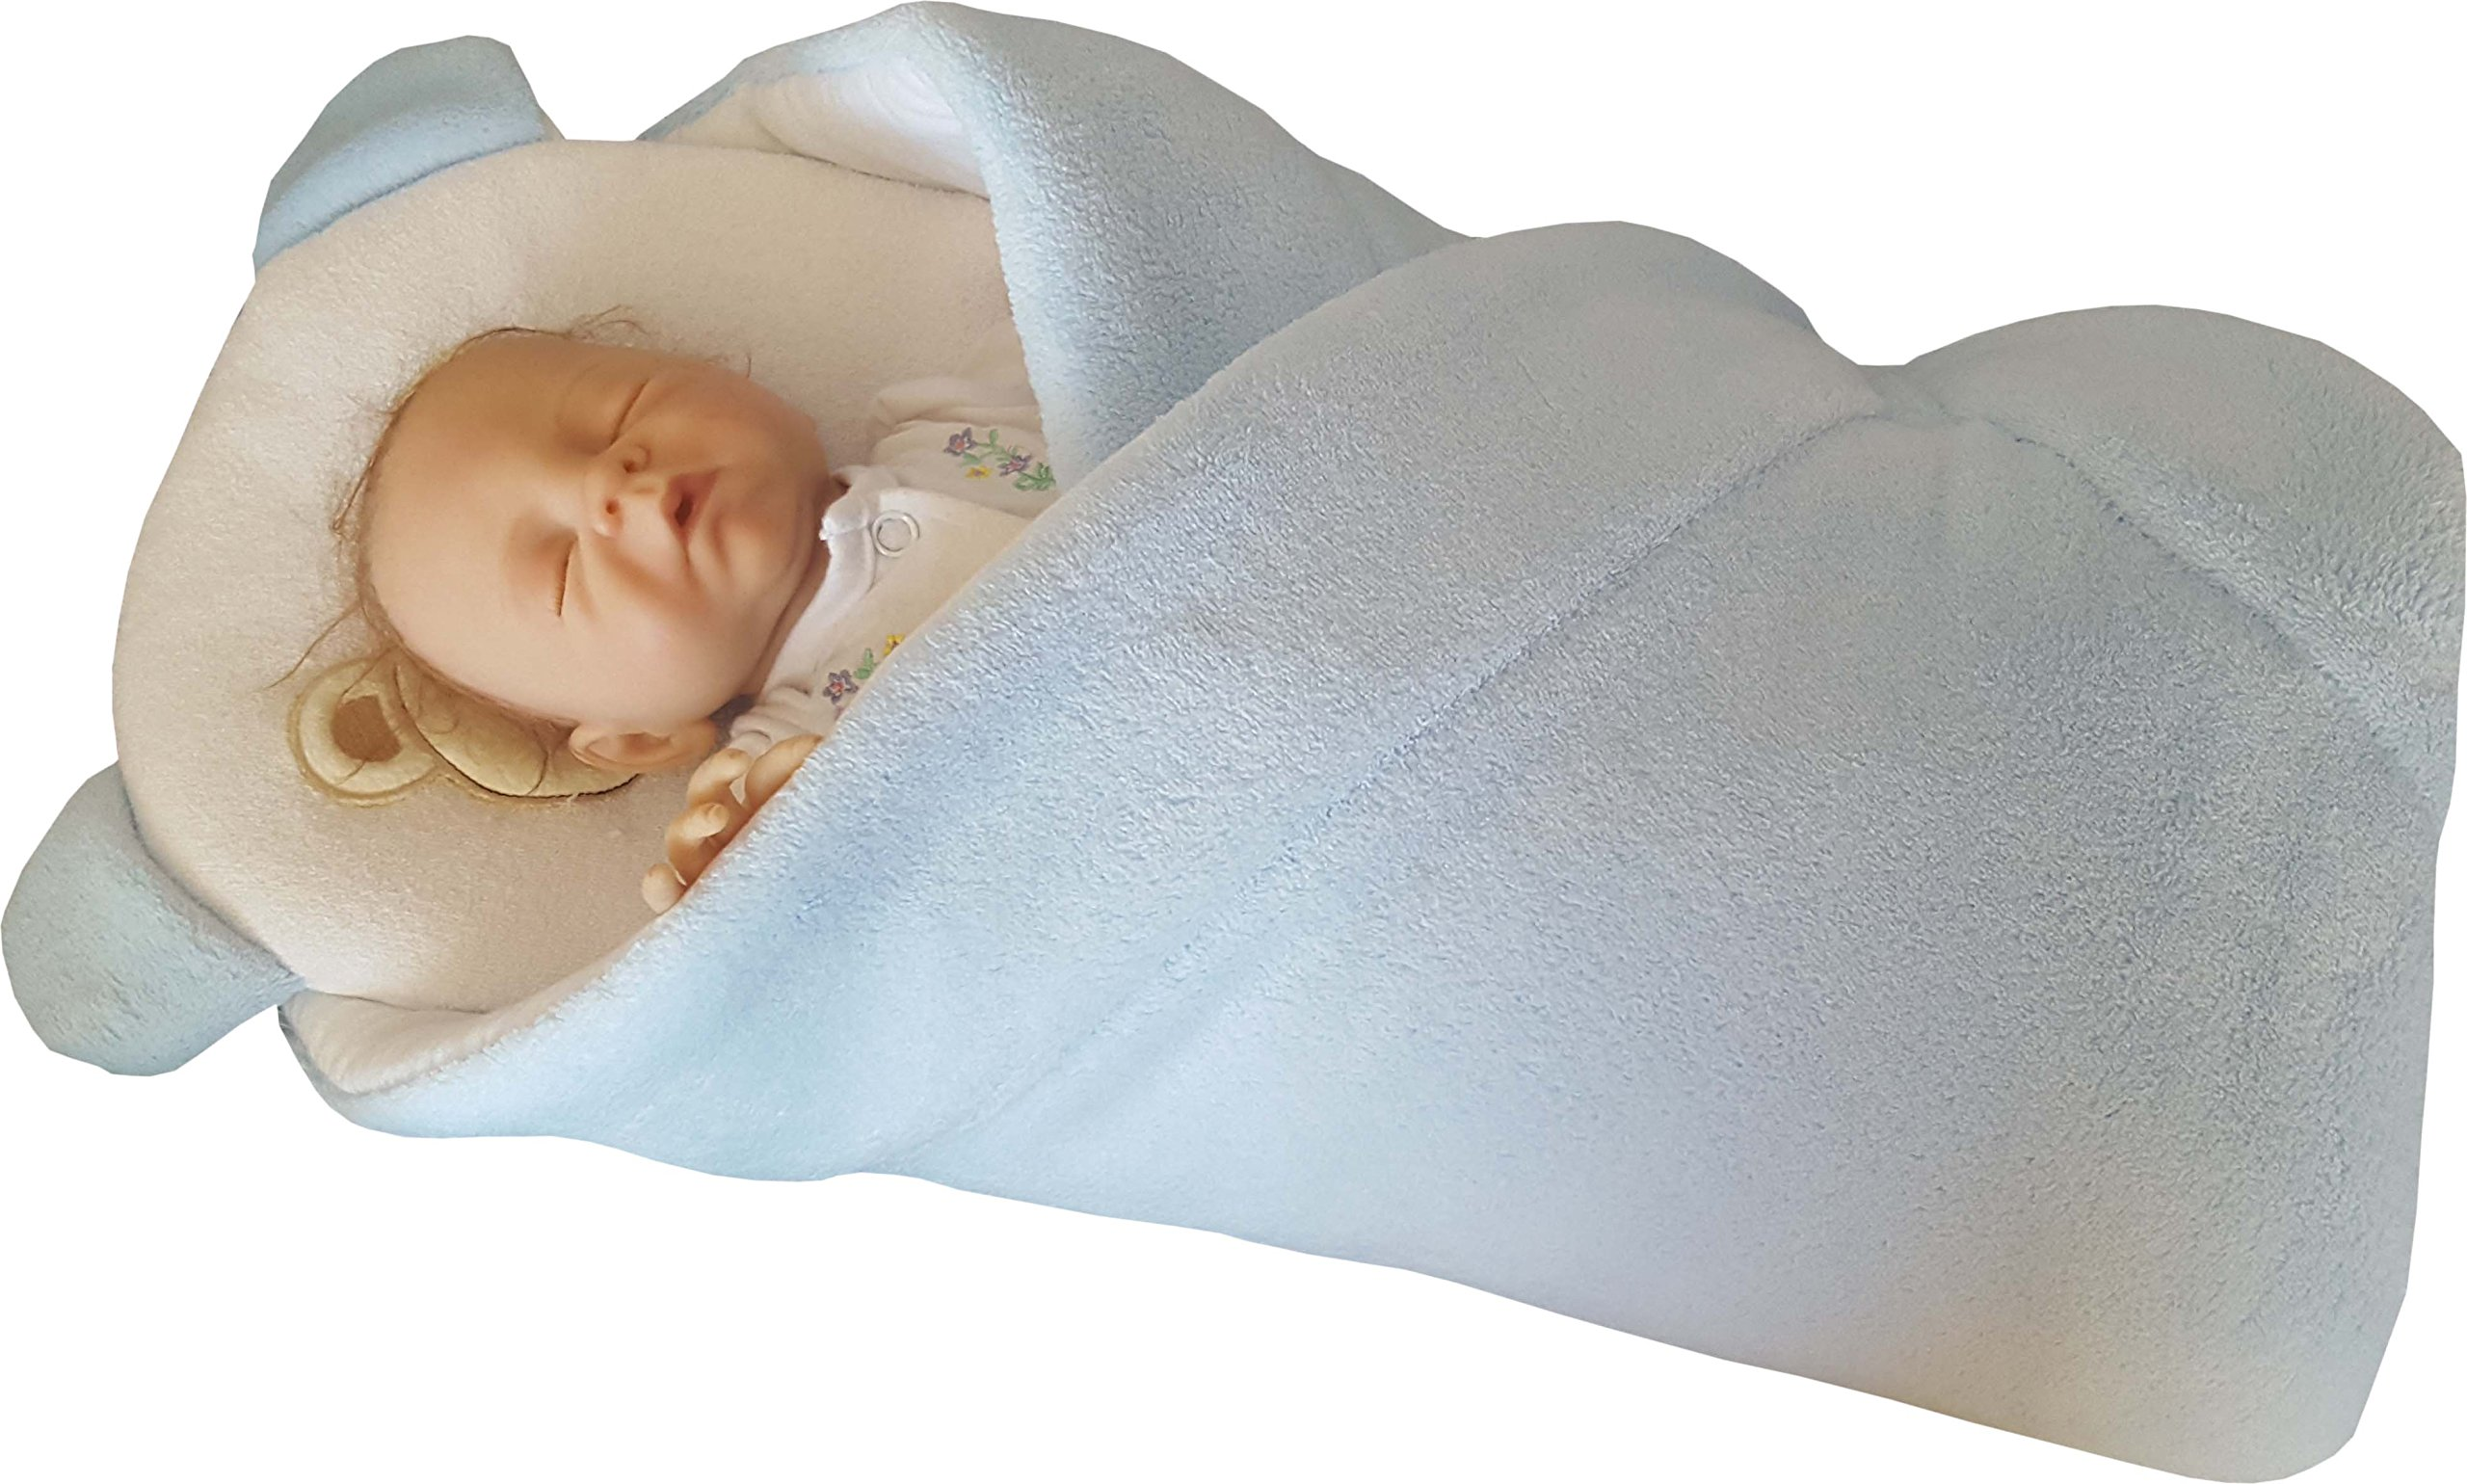 BlueberryShop manta – cambiador con almohada de forro polar | Saco de dormir para bebés recién nacidos | Para bebés de 0-3 meses | Regalo perfecto para Baby Shower | 78 x 78 cm | Amarillo